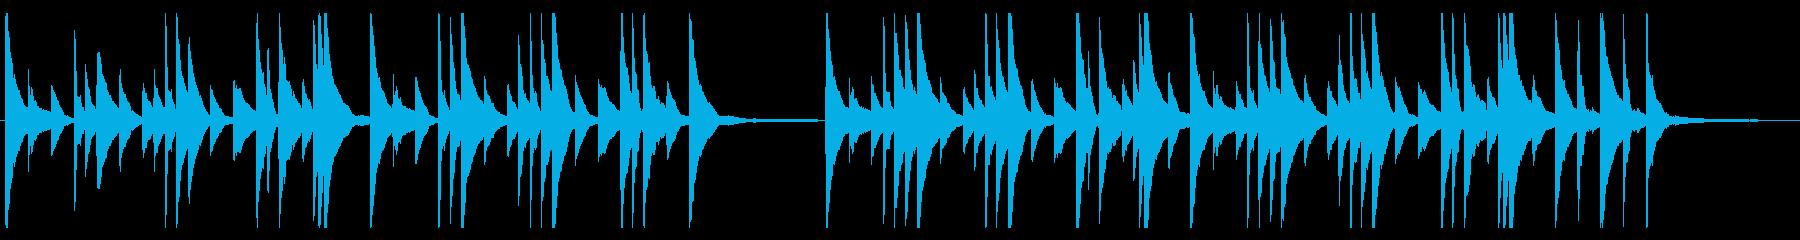 悲しいピアノの旋律が印象的なバラードの再生済みの波形